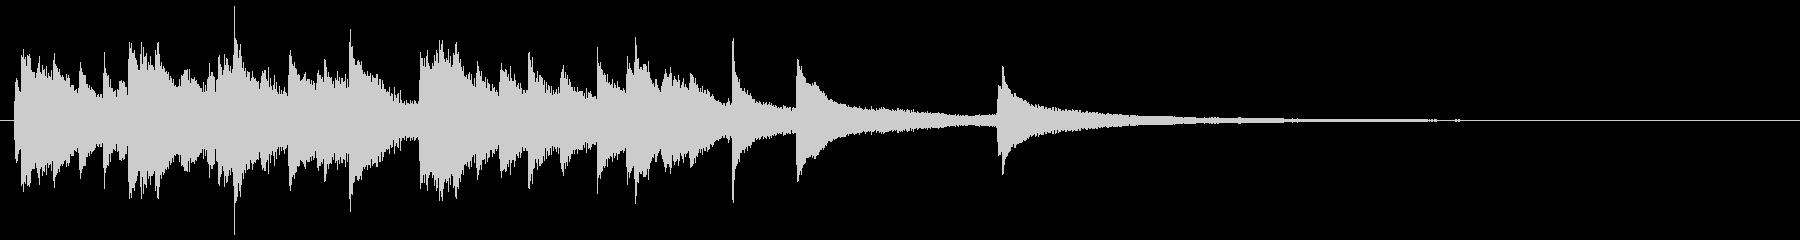 オシャレでラグジュアリーなジャズピアノの未再生の波形